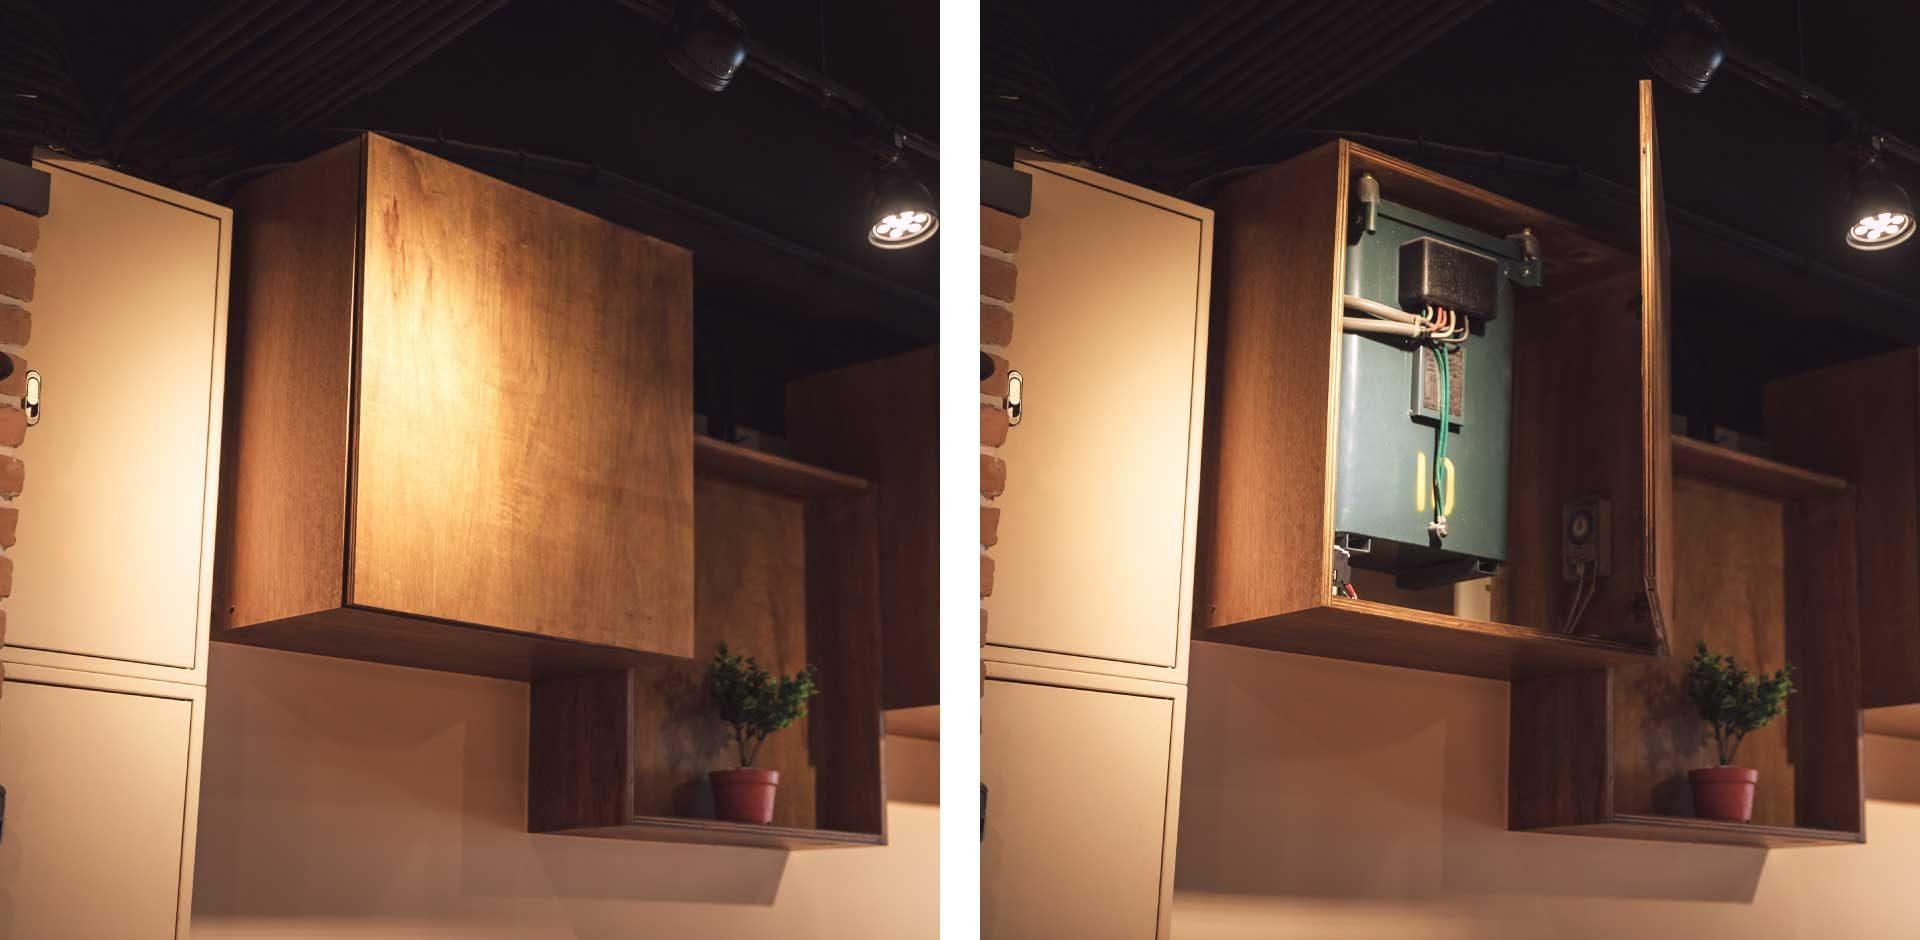 無法移動位置的變電器,就用櫃體包覆,與店內造型融為一體(左:開啟前、右:開啟後)